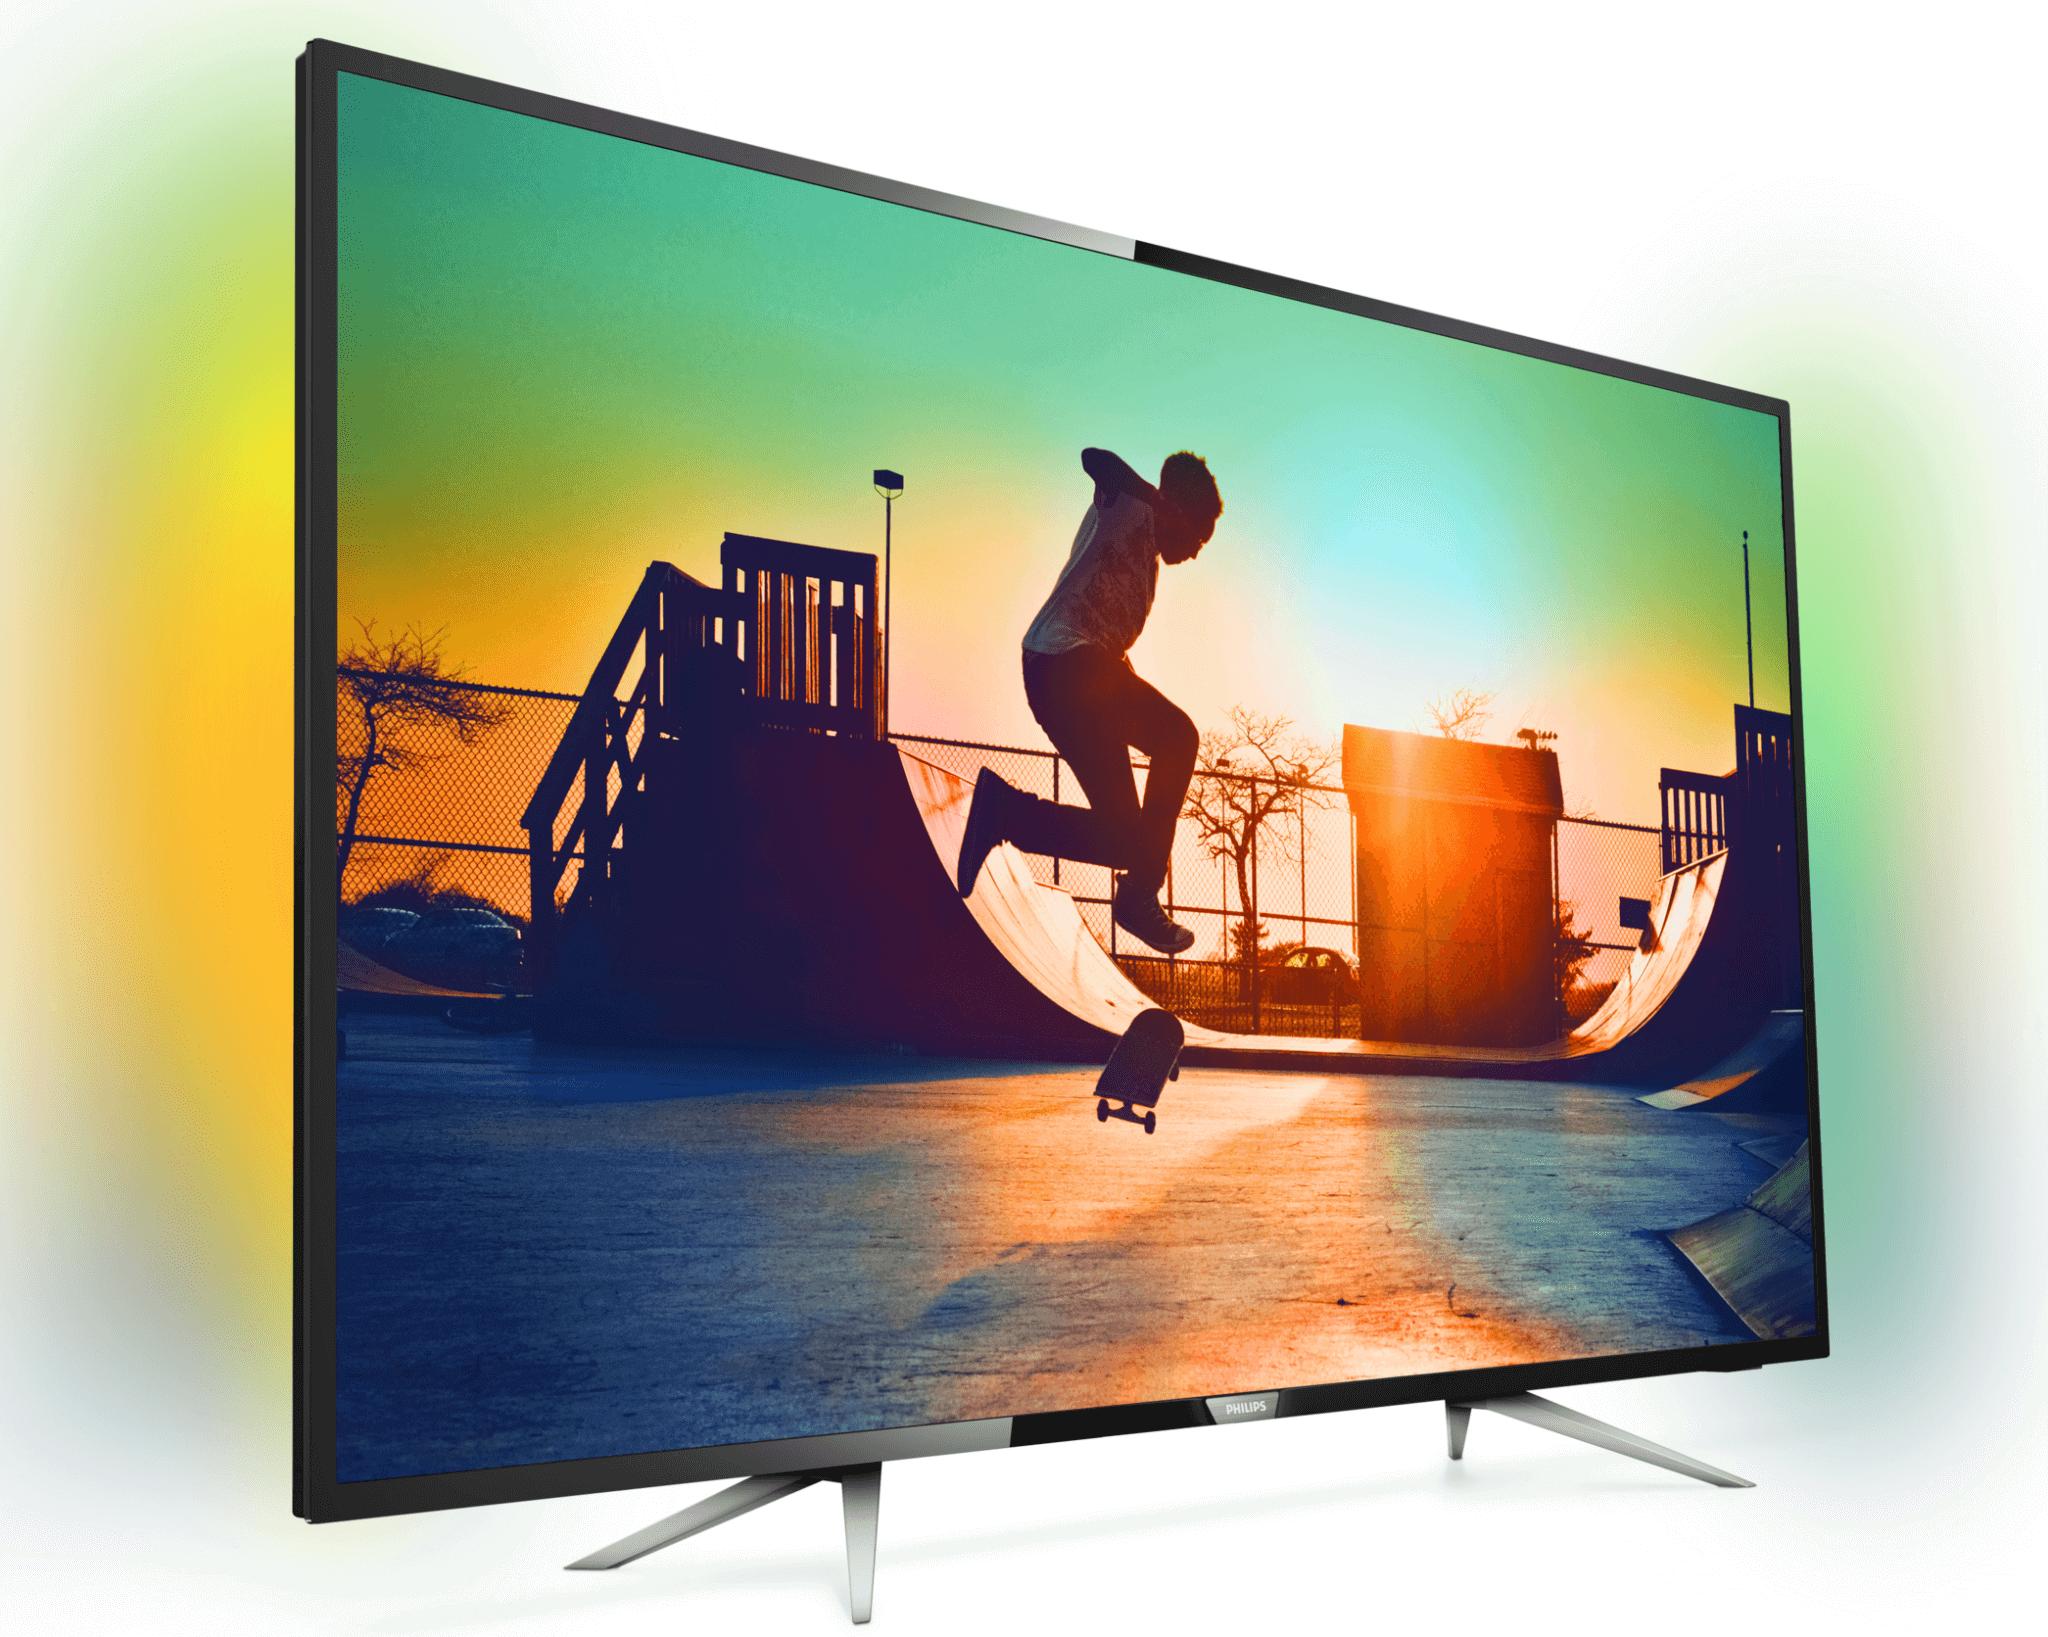 dsssdsd - Novas Smart TVs Philips com tecnologia Ambilight estão sendo produzidas no Brasil